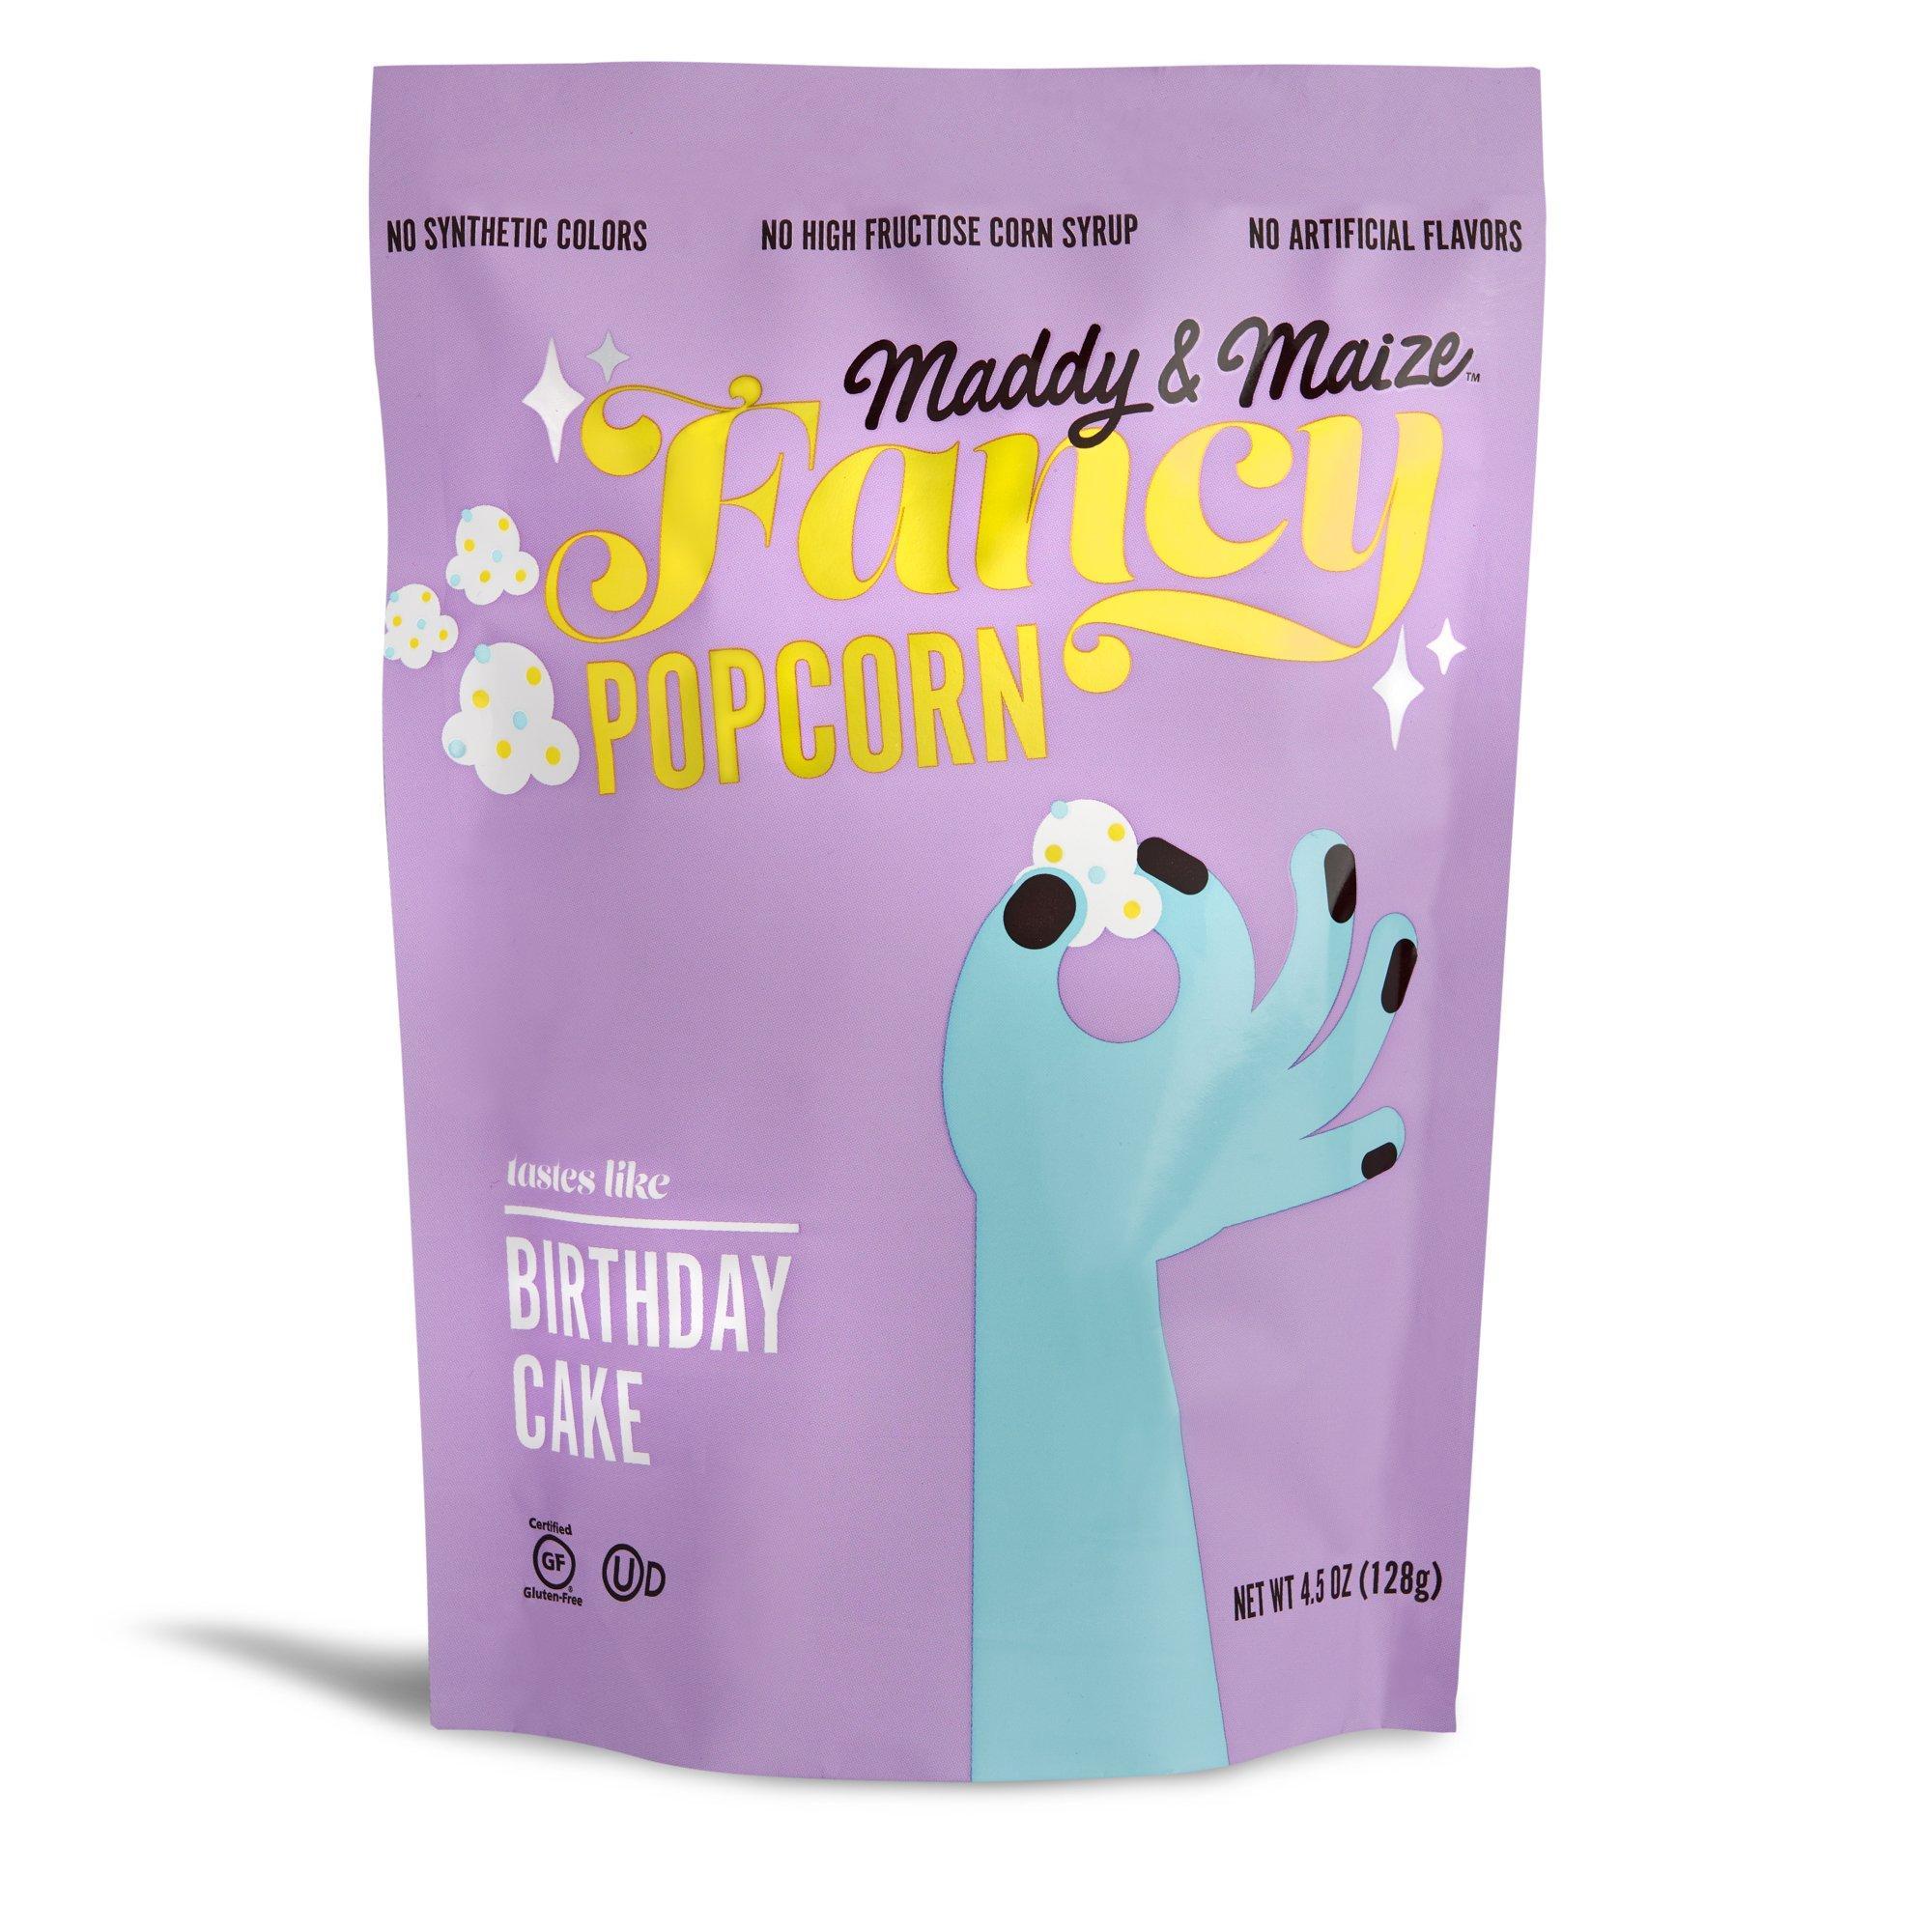 Maddy & Maize Fancy Popcorn in Birthday Cake, $5.99 @maddyandmaize.com